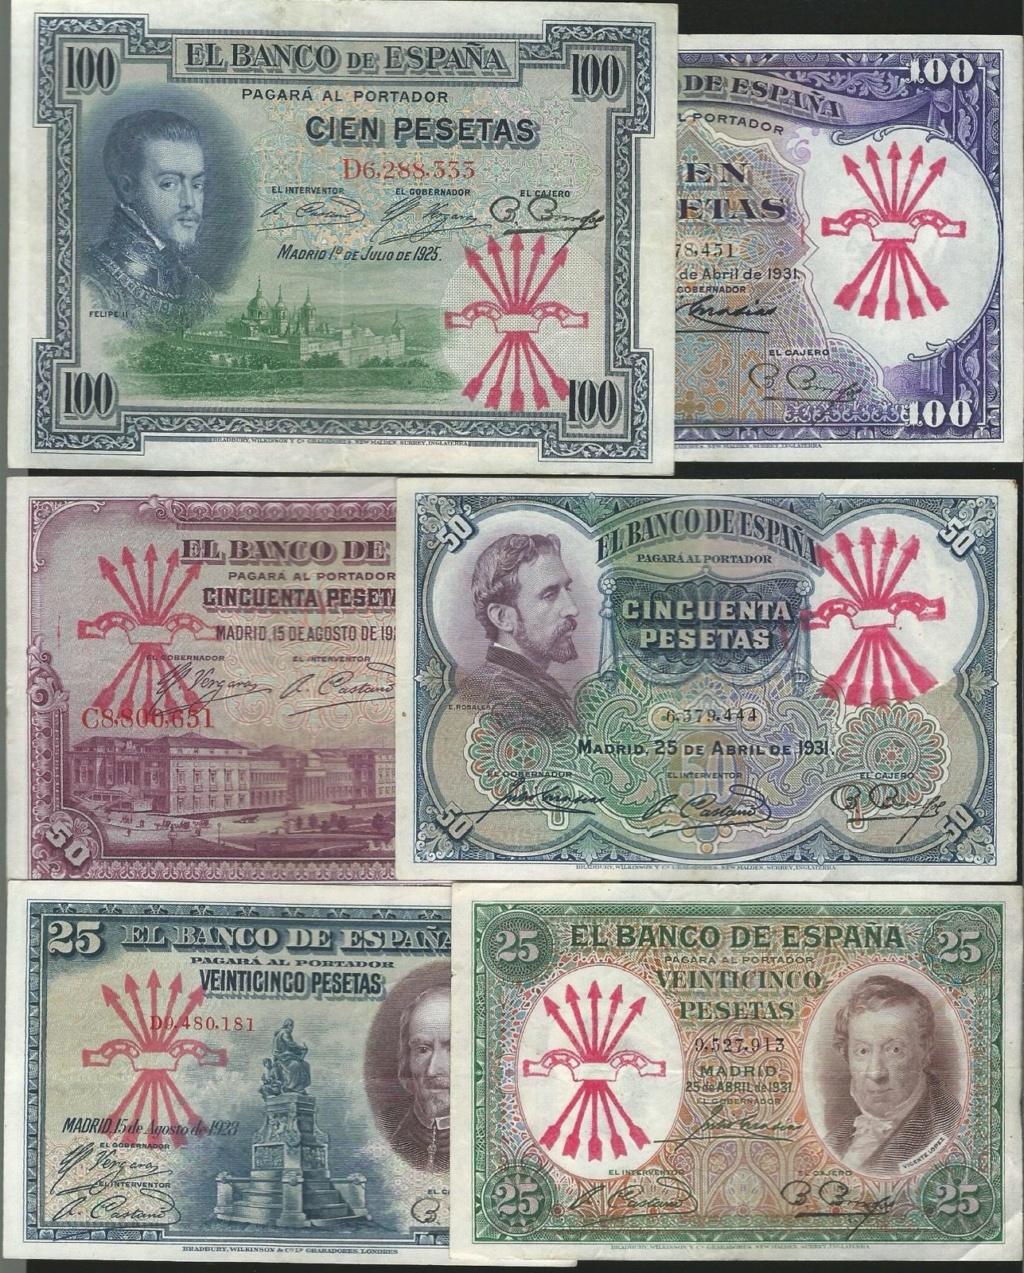 SELLOS FALSOS en billetes, reinventarse o morir Sello_13